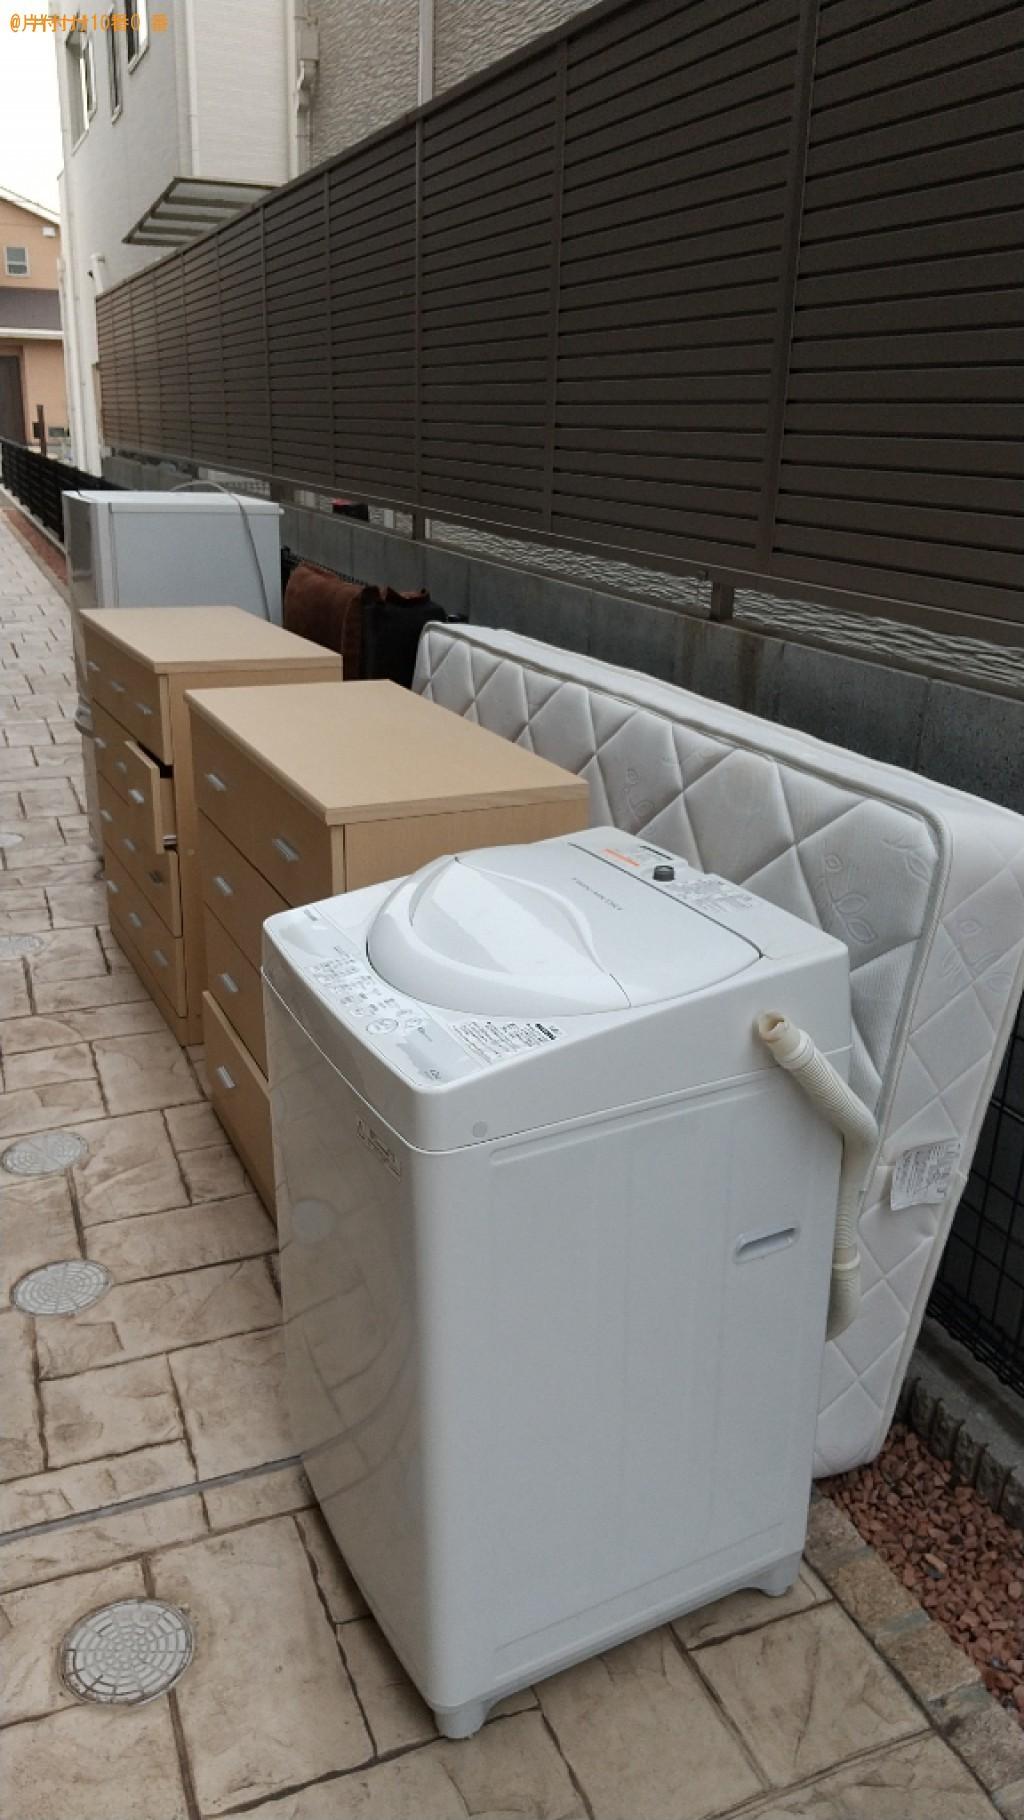 【福山市新涯町】トラックパックでの出張不用品回収・処分ご依頼